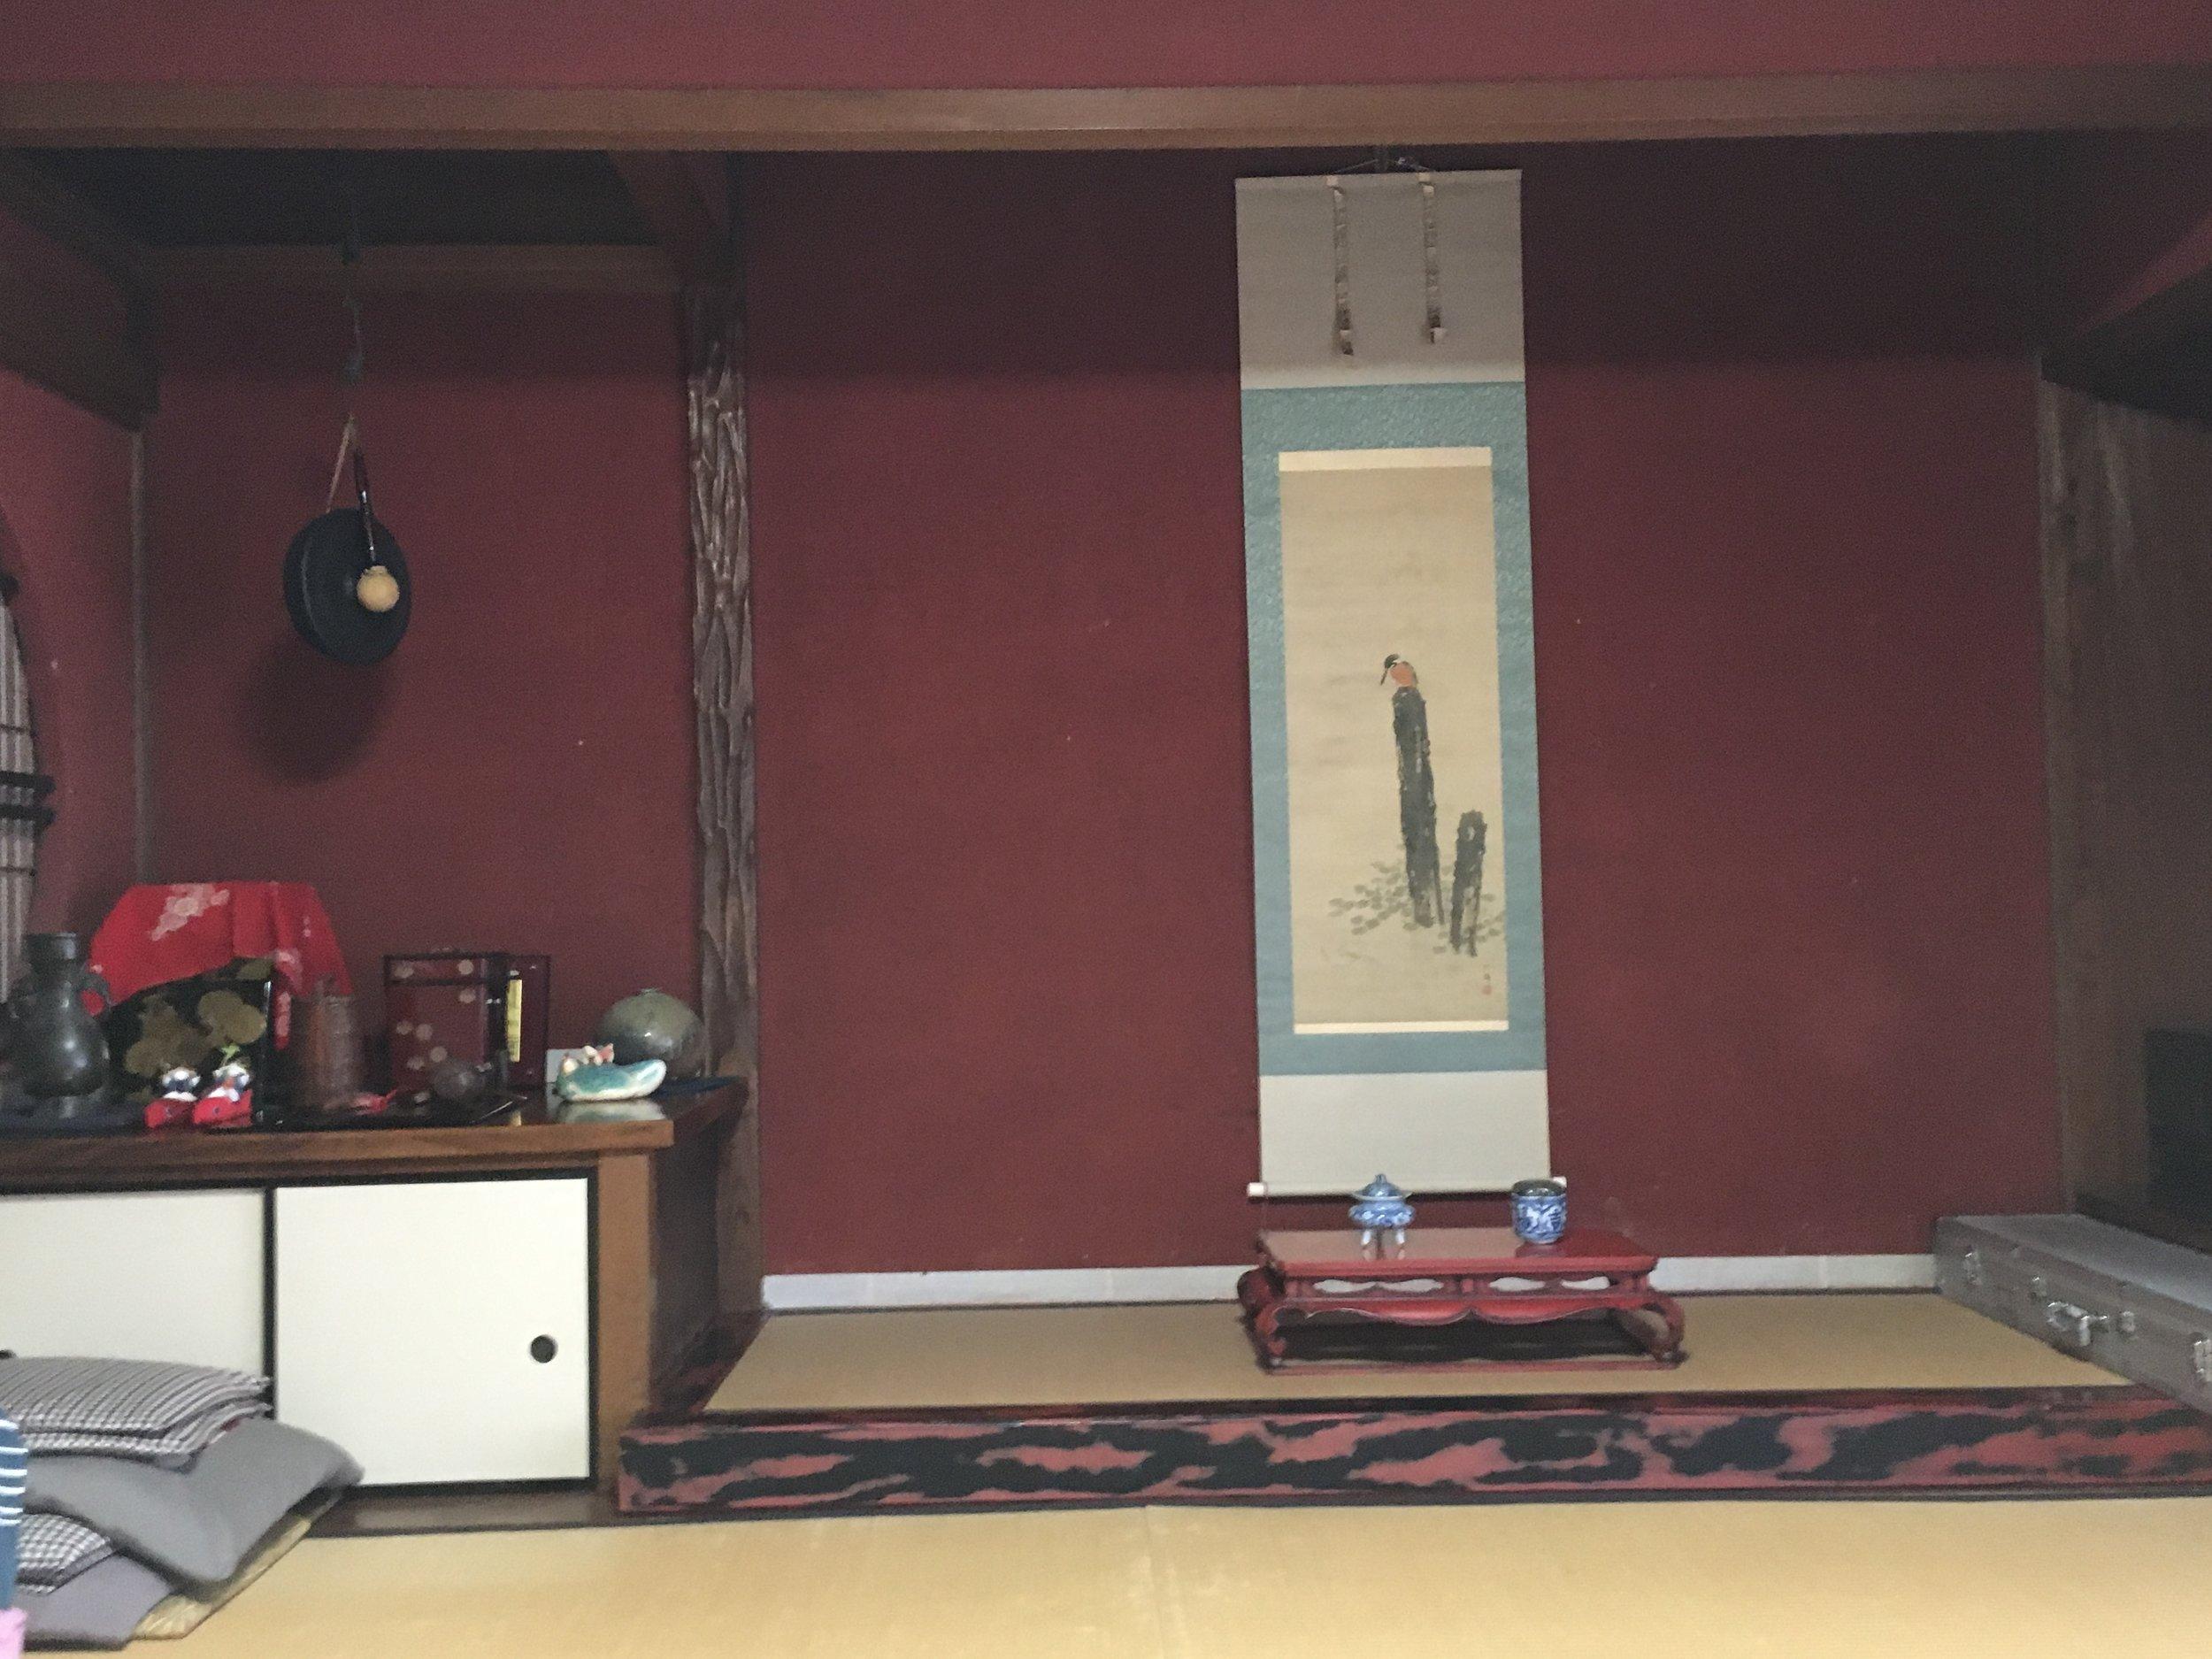 shamisen red room.JPG